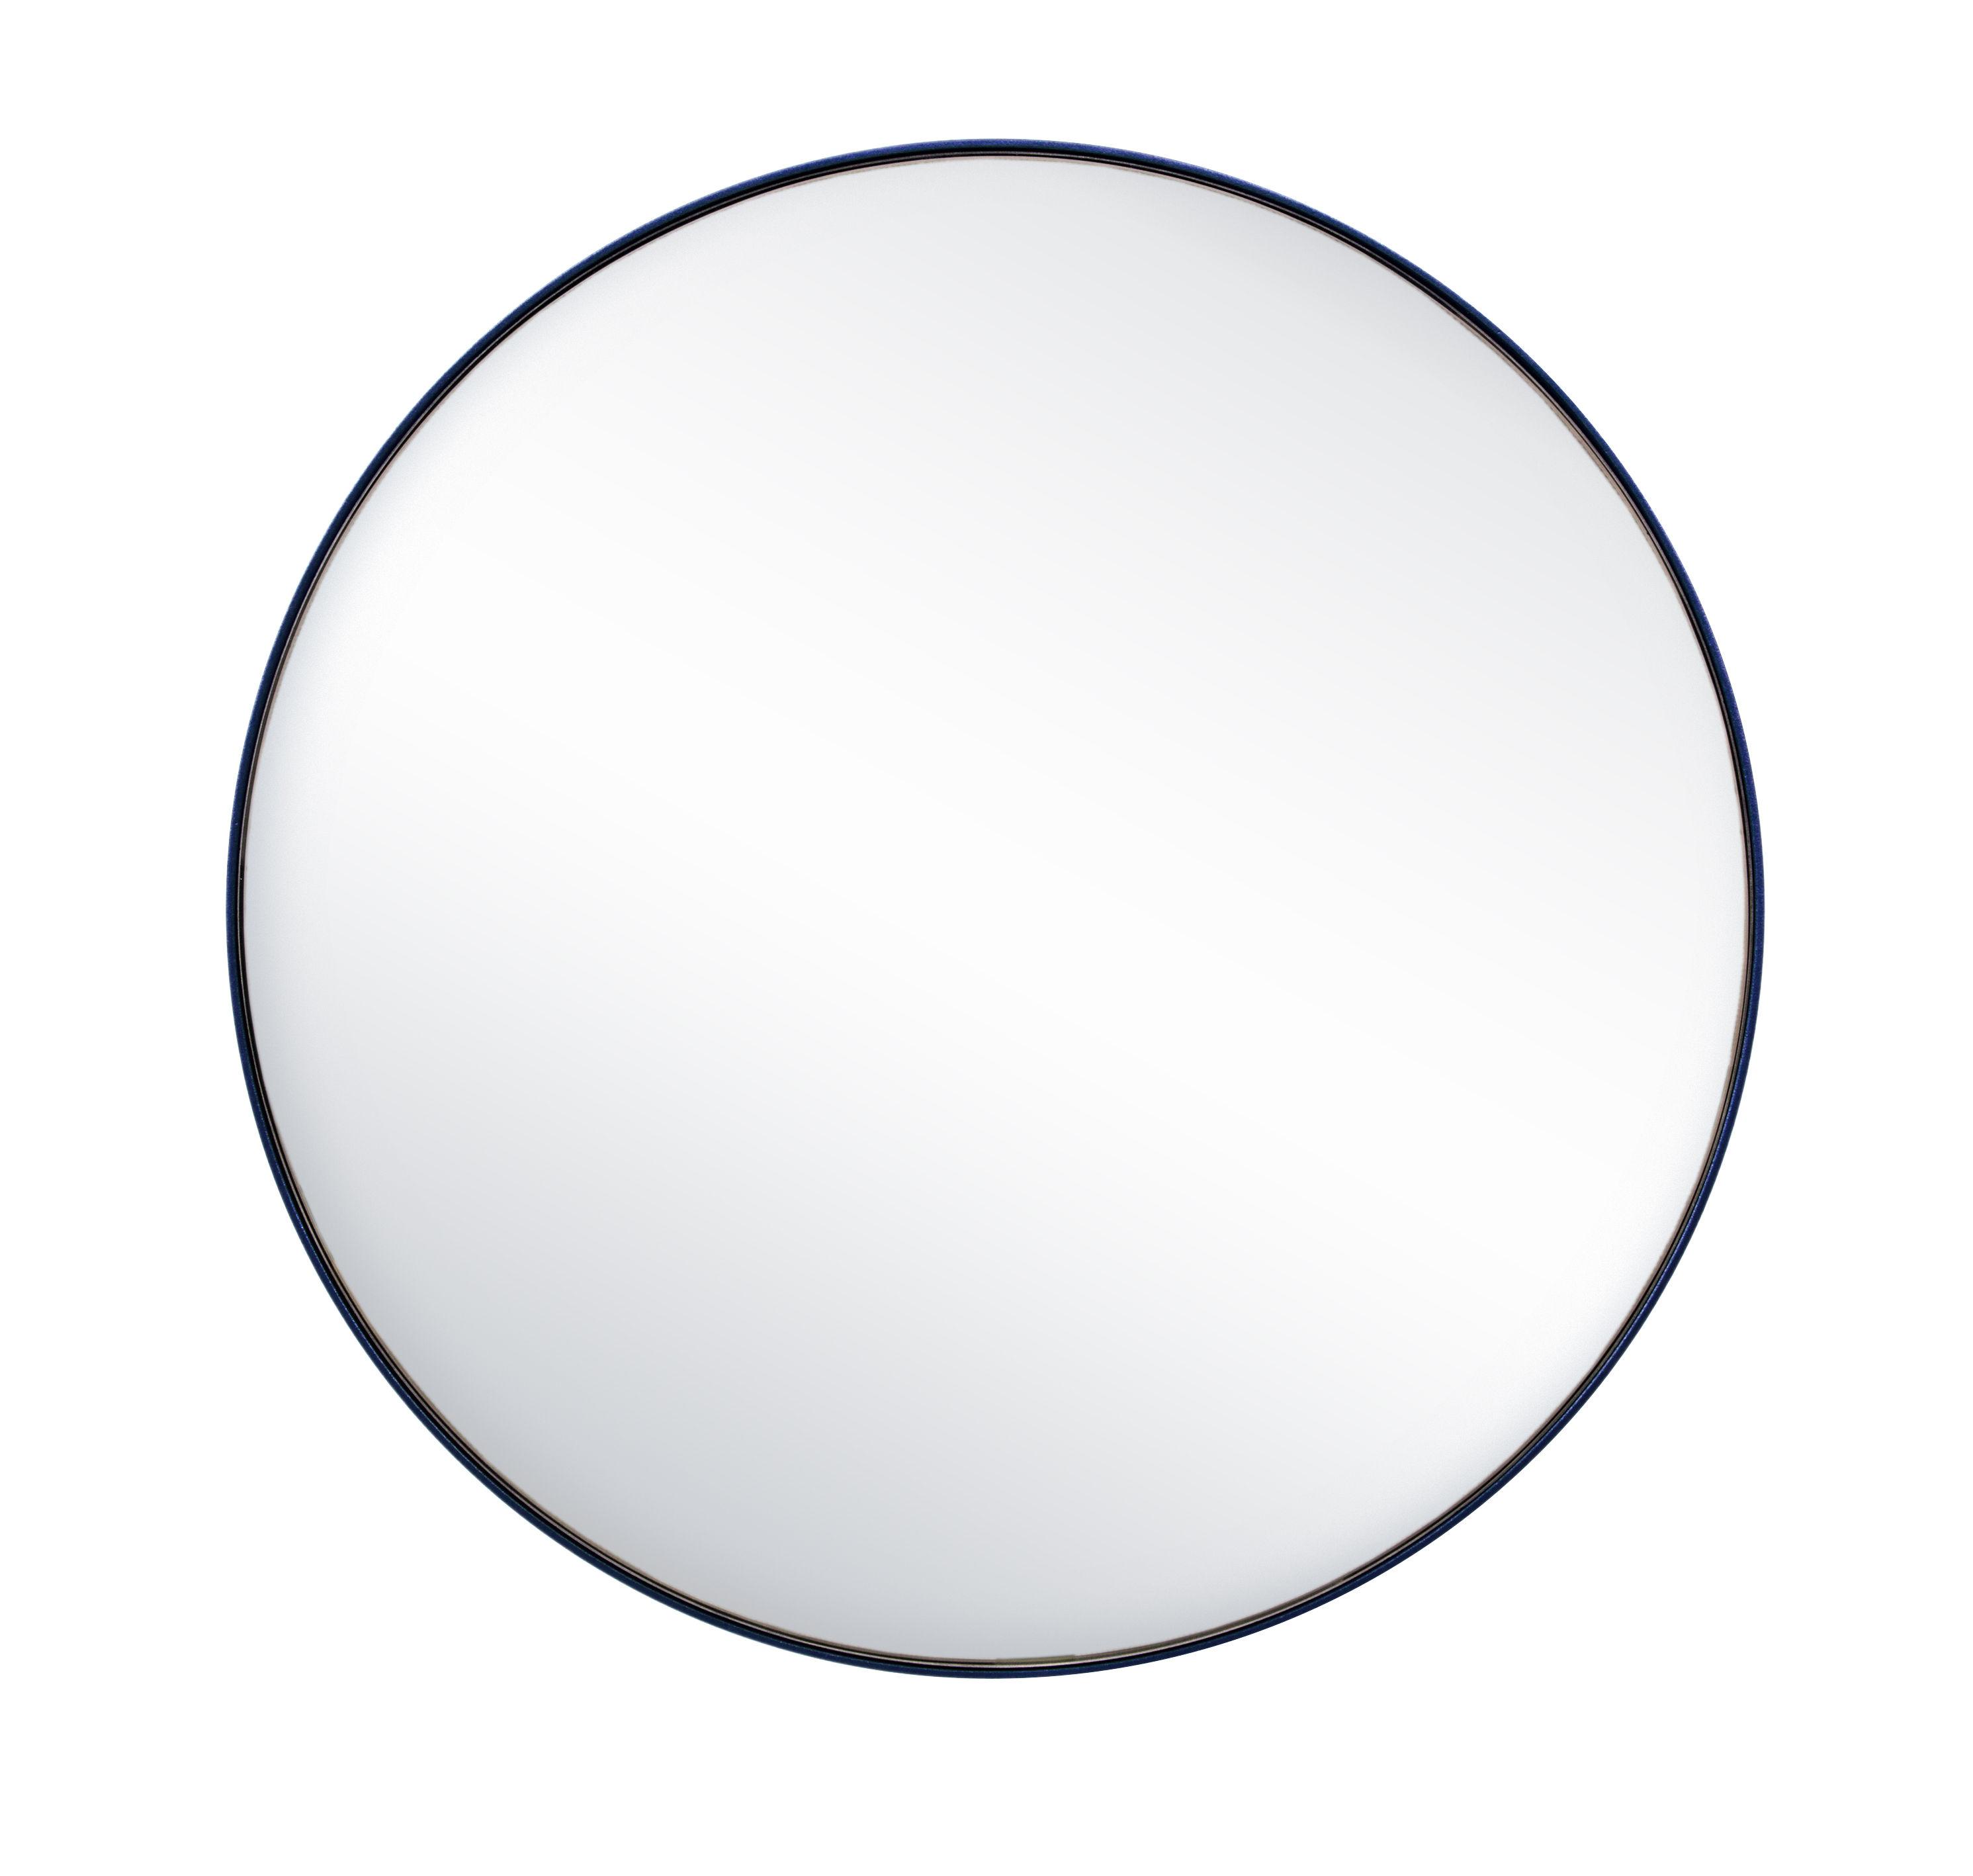 Miroir mural g16 44 8 cm acier bleu nuit tolix for Miroir mural 200 cm